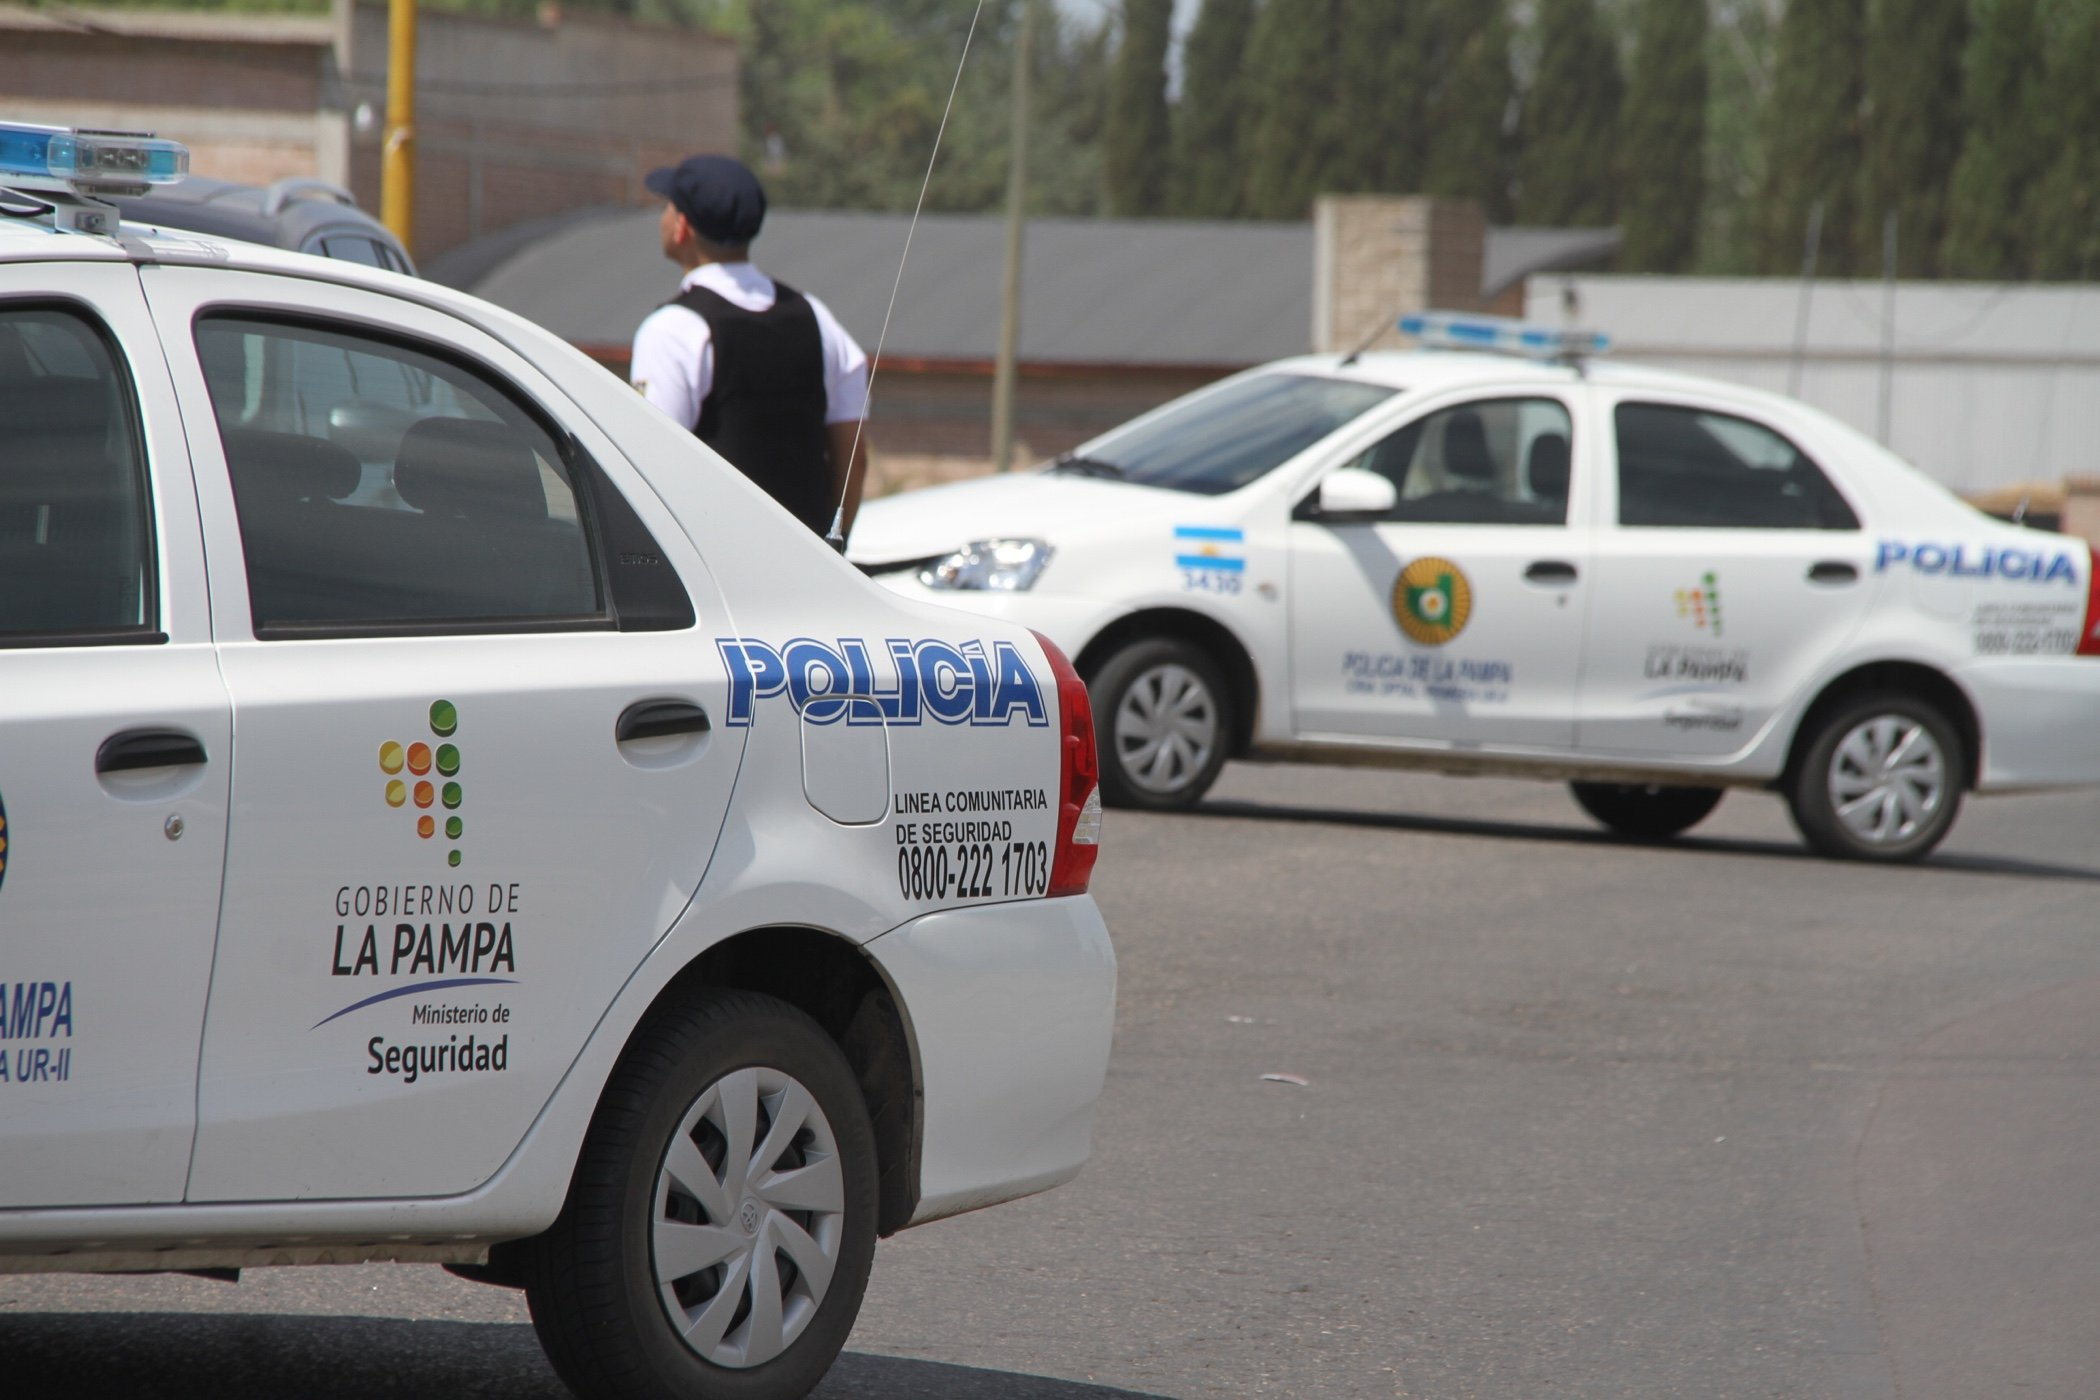 Segundo robo a mano armada en menos de 24 horas: Le sacaron dos teléfonos y le pegaron un culatazo con el arma en la cabeza